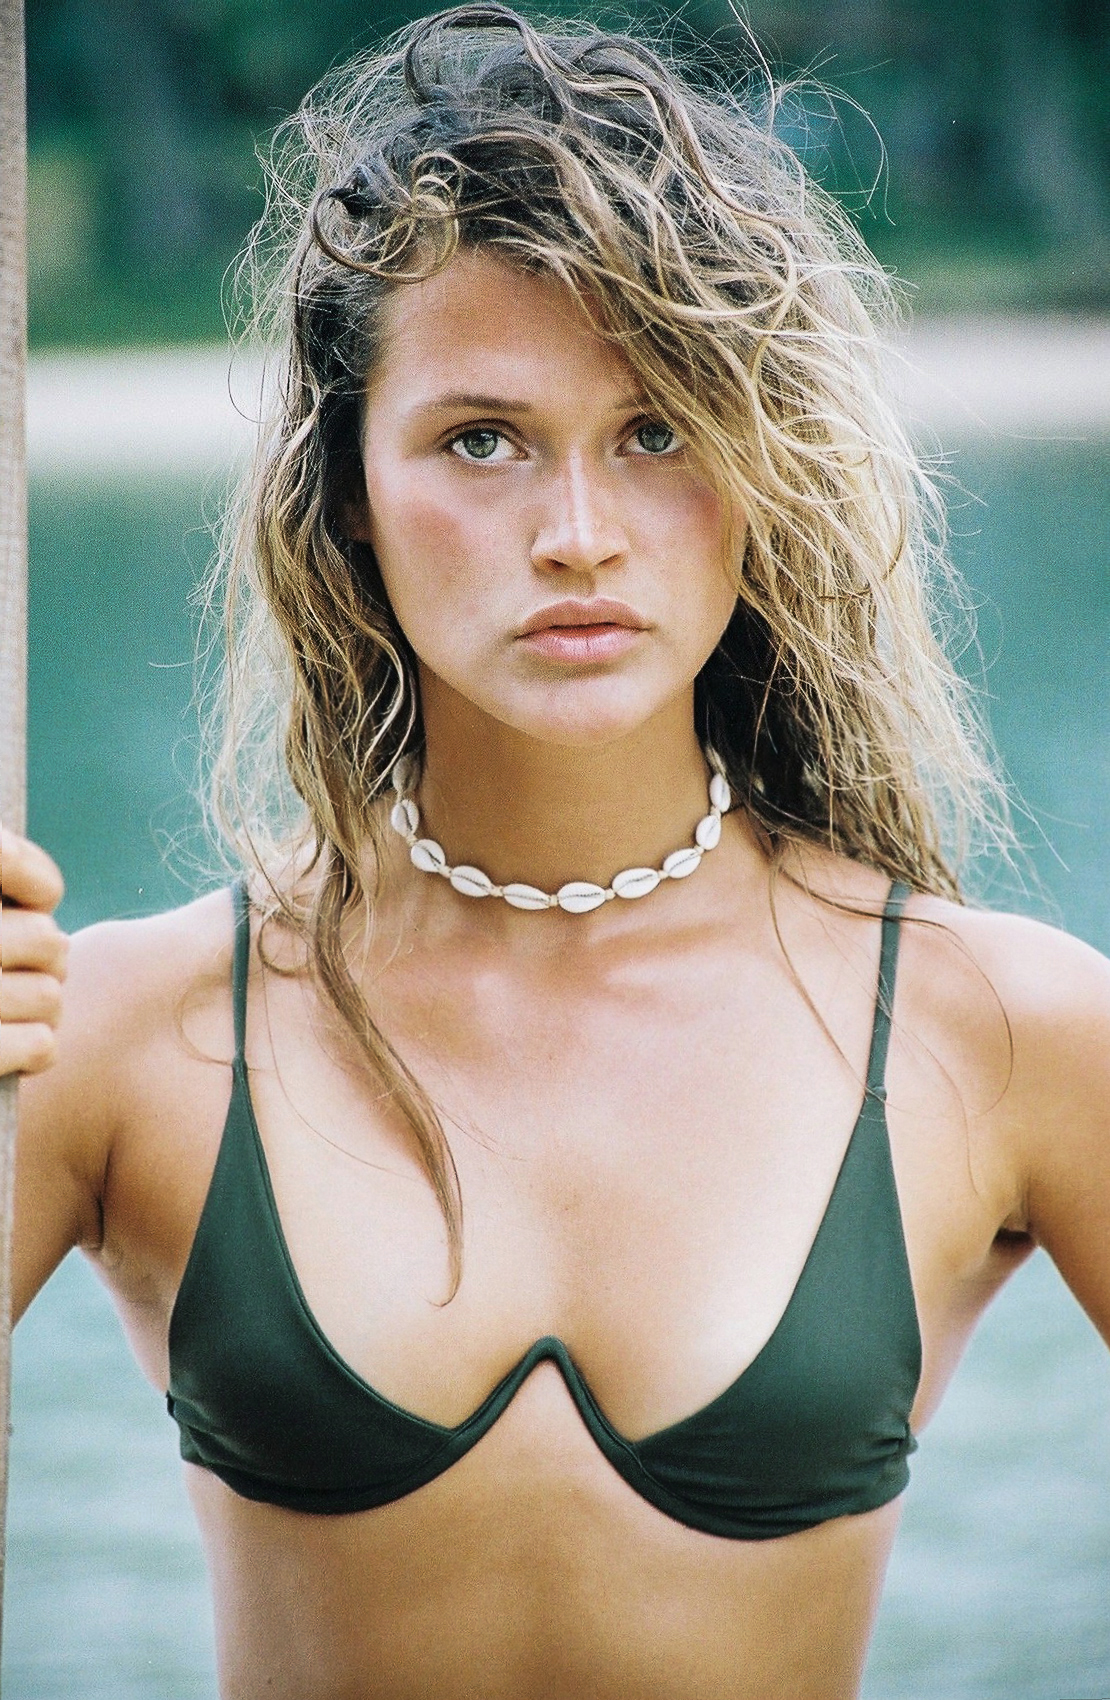 Swimsuit Anastasiya Jepsen nudes (68 pics) Erotica, 2019, bra